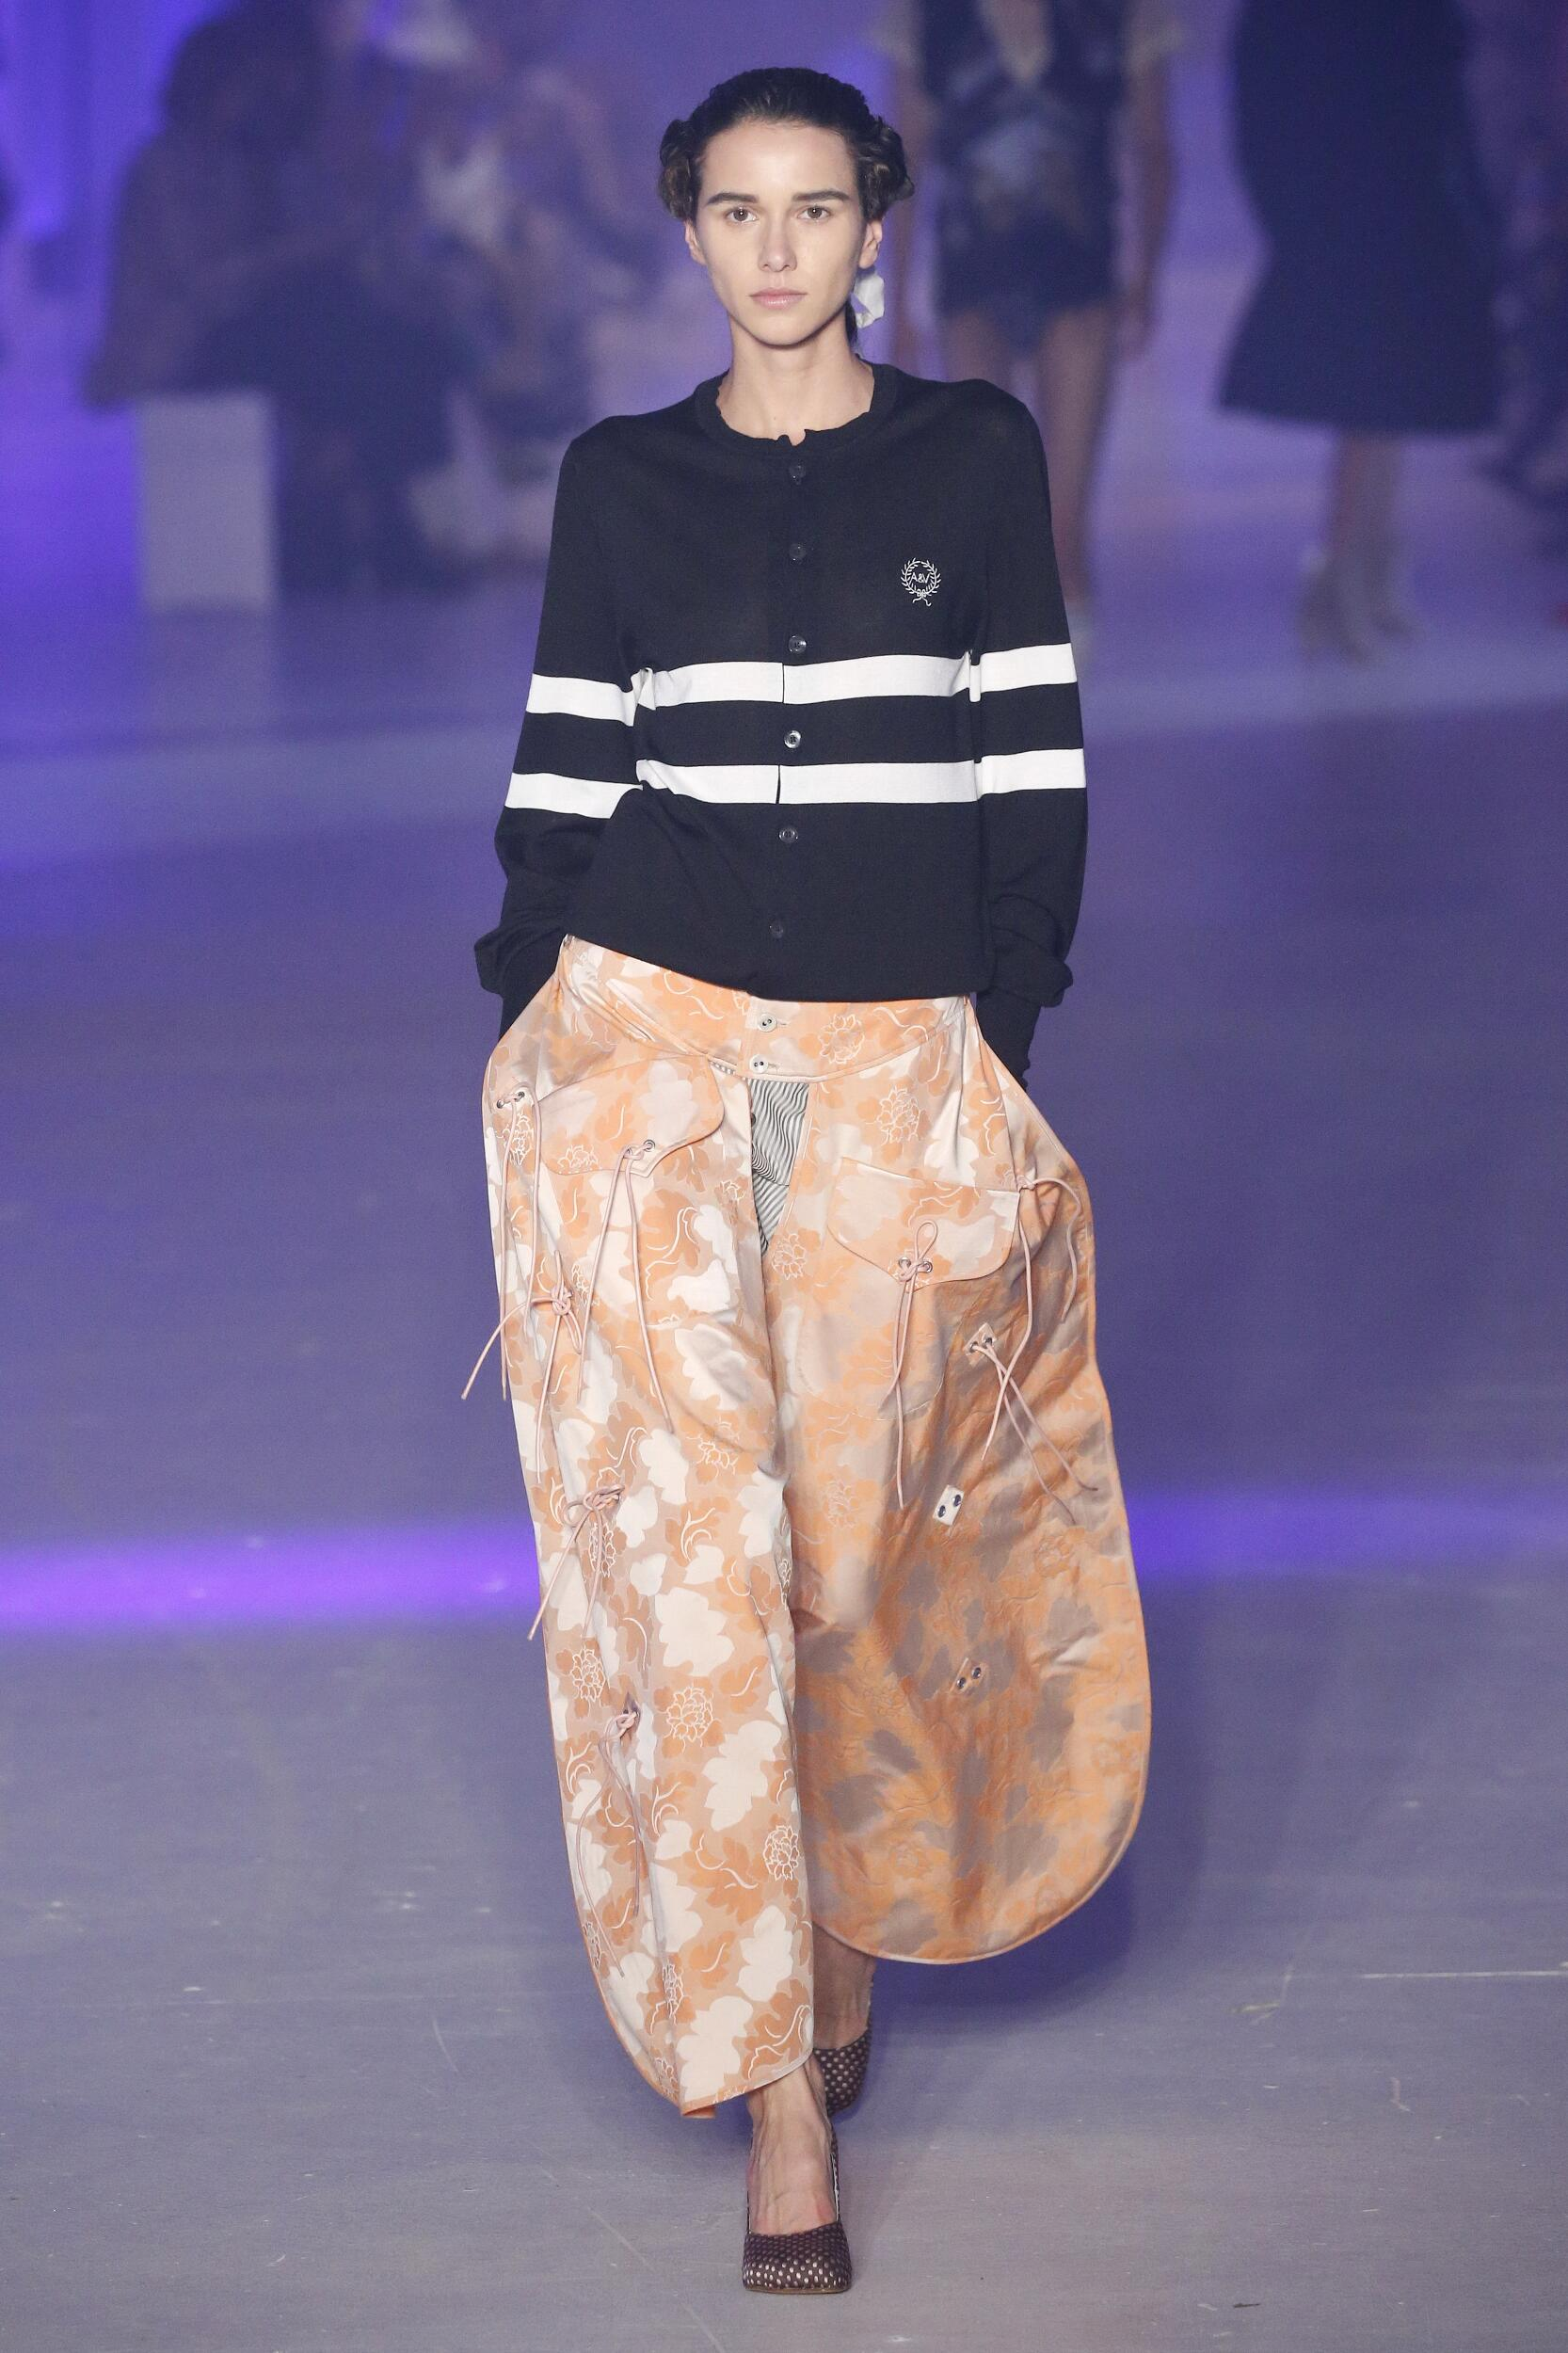 2020 Catwalk Andreas Kronthaler for Vivienne Westwood